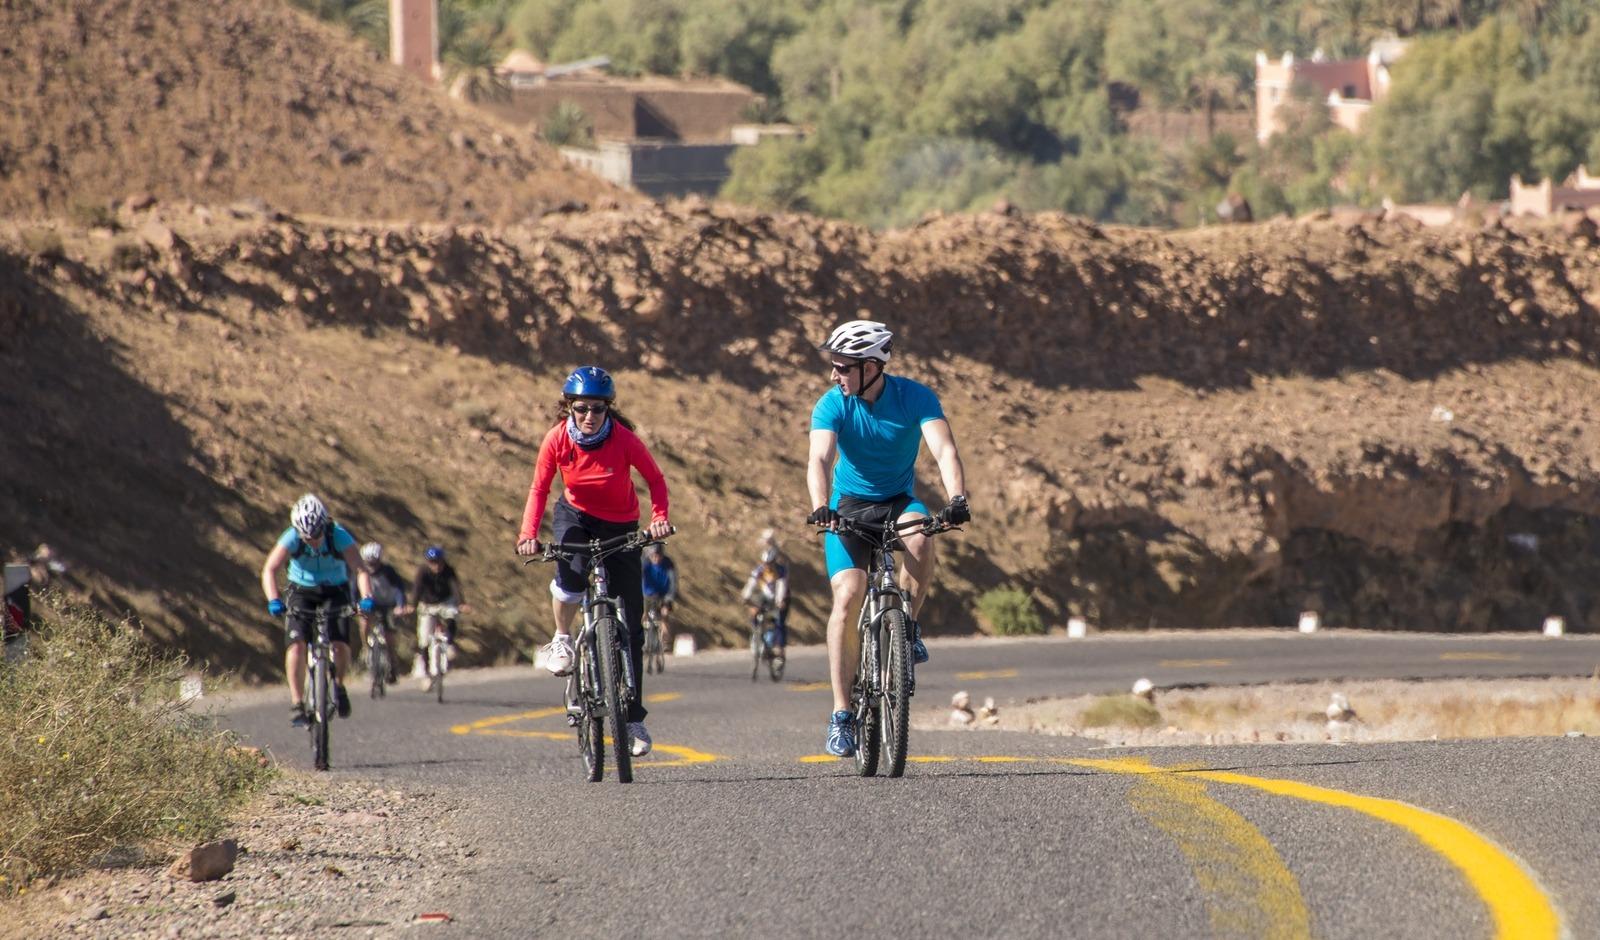 Day Trip Mountain Bike to Atlas Valleys